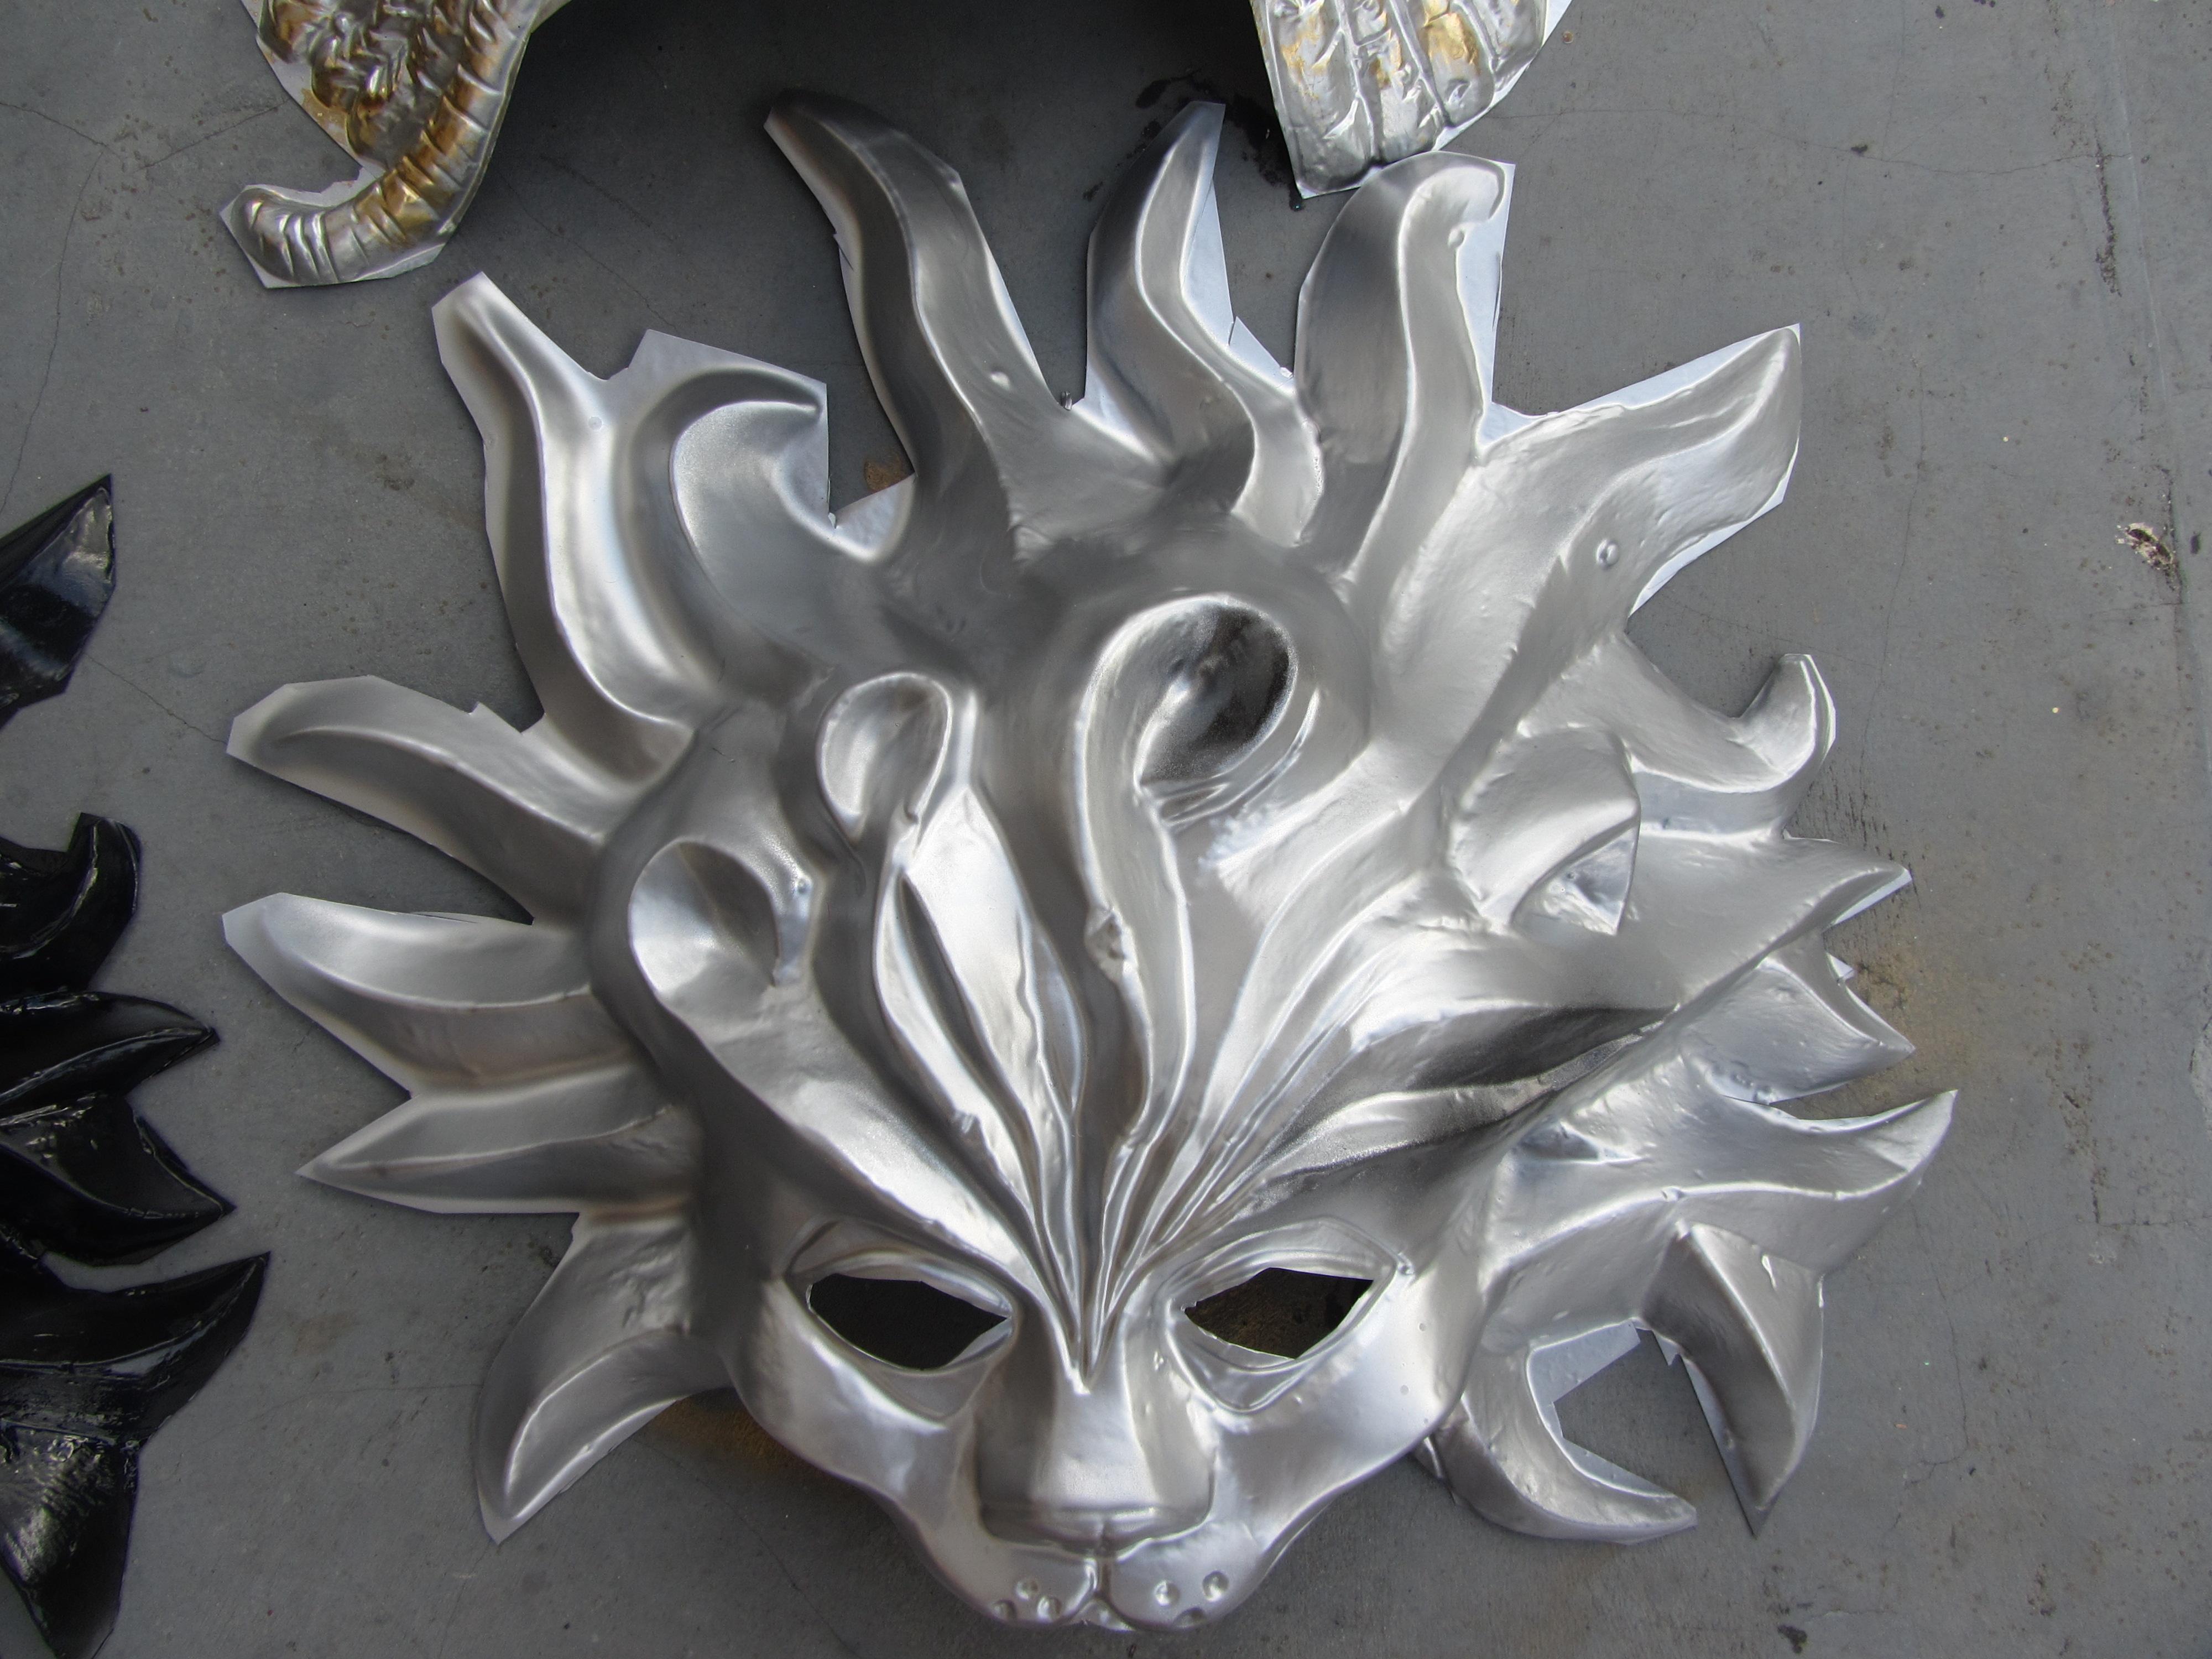 66 masks